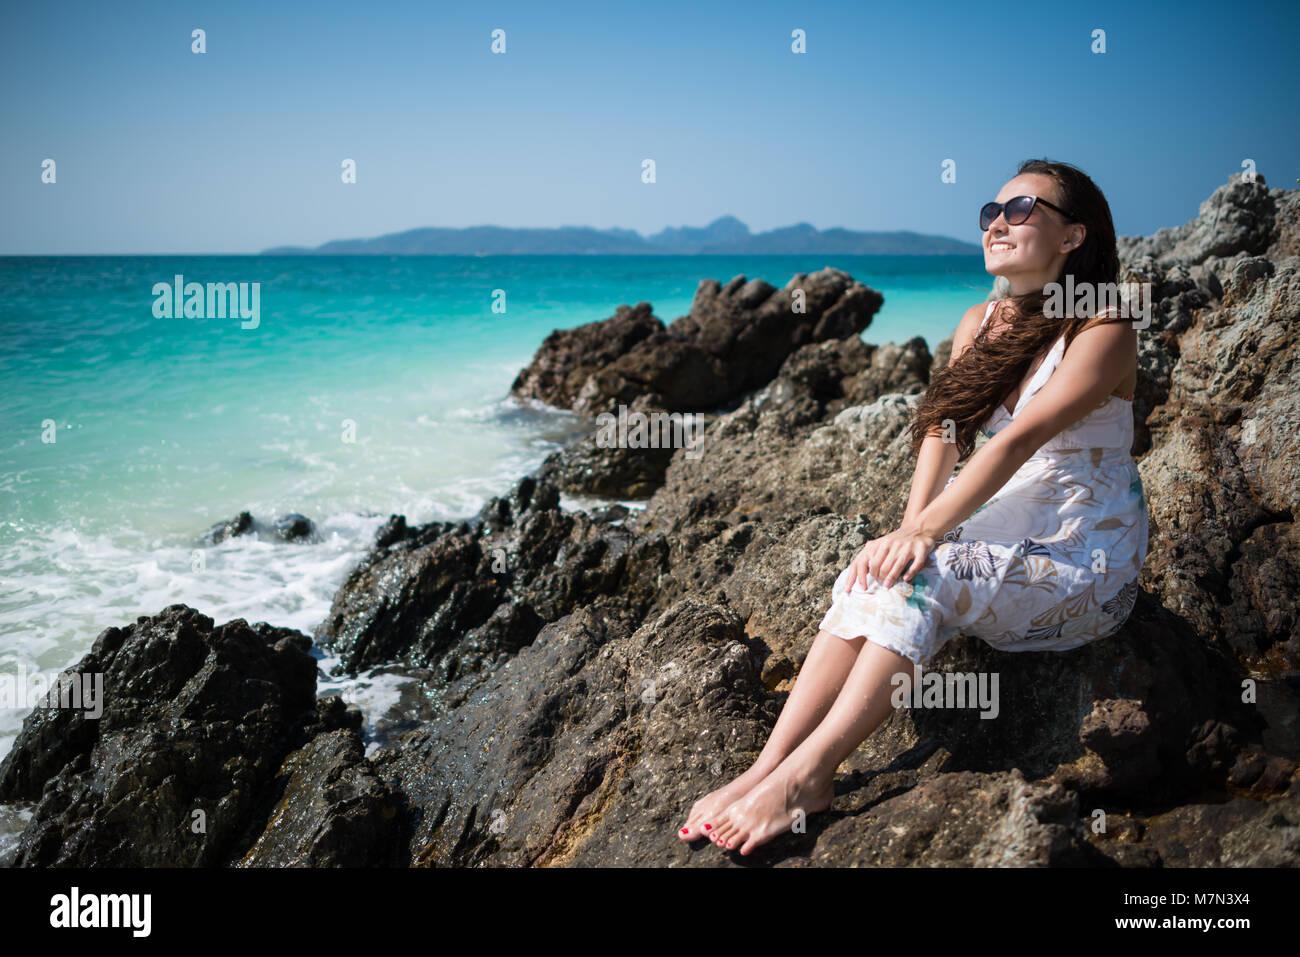 Giovane donna in abito siede sulla roccia sulla costa dell'oceano. Sorridente ragazza è godendo soleggiata Immagini Stock